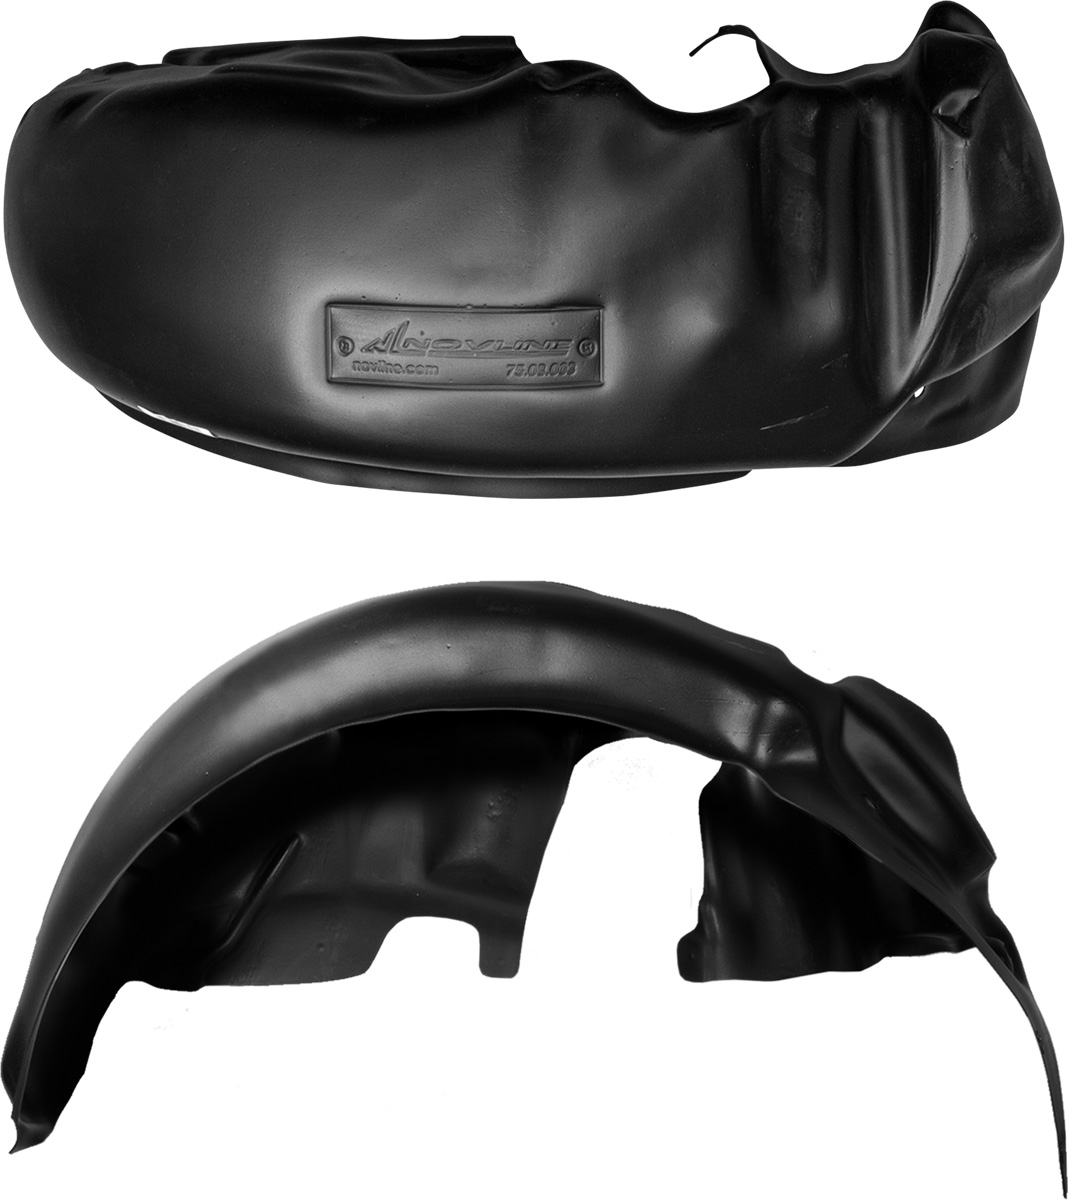 Подкрылок Novline-Autofamily, для УАЗ 3741, 1990->, передний правыйNLL.52.26.004Колесные ниши - одни из самых уязвимых зон днища вашего автомобиля. Они постоянно подвергаются воздействию со стороны дороги. Лучшая, почти абсолютная защита для них - специально отформованные пластиковые кожухи, которые называются подкрылками. Производятся они как для отечественных моделей автомобилей, так и для иномарок. Подкрылки Novline-Autofamily выполнены из высококачественного, экологически чистого пластика. Обеспечивают надежную защиту кузова автомобиля от пескоструйного эффекта и негативного влияния, агрессивных антигололедных реагентов. Пластик обладает более низкой теплопроводностью, чем металл, поэтому в зимний период эксплуатации использование пластиковых подкрылков позволяет лучше защитить колесные ниши от налипания снега и образования наледи. Оригинальность конструкции подчеркивает элегантность автомобиля, бережно защищает нанесенное на днище кузова антикоррозийное покрытие и позволяет осуществить крепление подкрылков внутри колесной арки практически без дополнительного крепежа и сверления, не нарушая при этом лакокрасочного покрытия, что предотвращает возникновение новых очагов коррозии. Подкрылки долговечны, обладают высокой прочностью и сохраняют заданную форму, а также все свои физико-механические характеристики в самых тяжелых климатических условиях (от -50°С до +50°С).Уважаемые клиенты!Обращаем ваше внимание, на тот факт, что подкрылок имеет форму, соответствующую модели данного автомобиля. Фото служит для визуального восприятия товара.